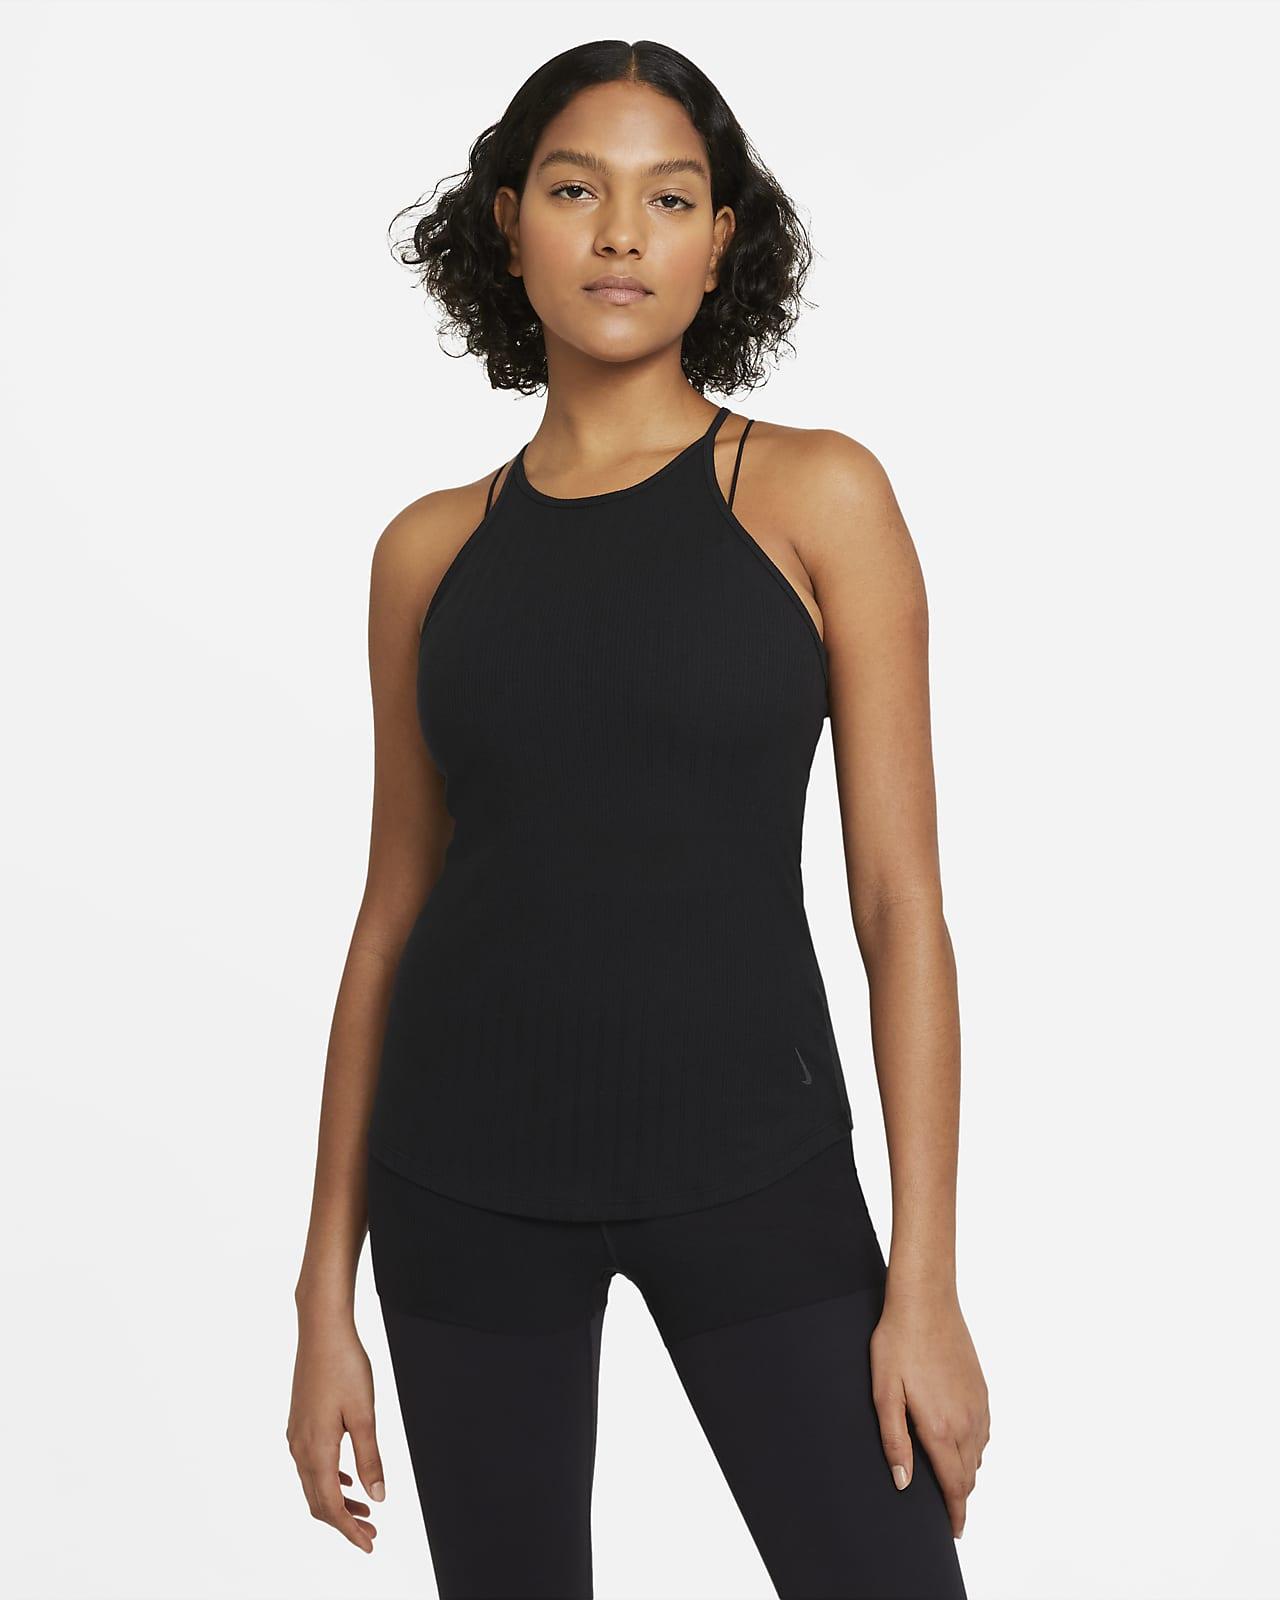 Nike Yoga Pointelle Kadın Atleti